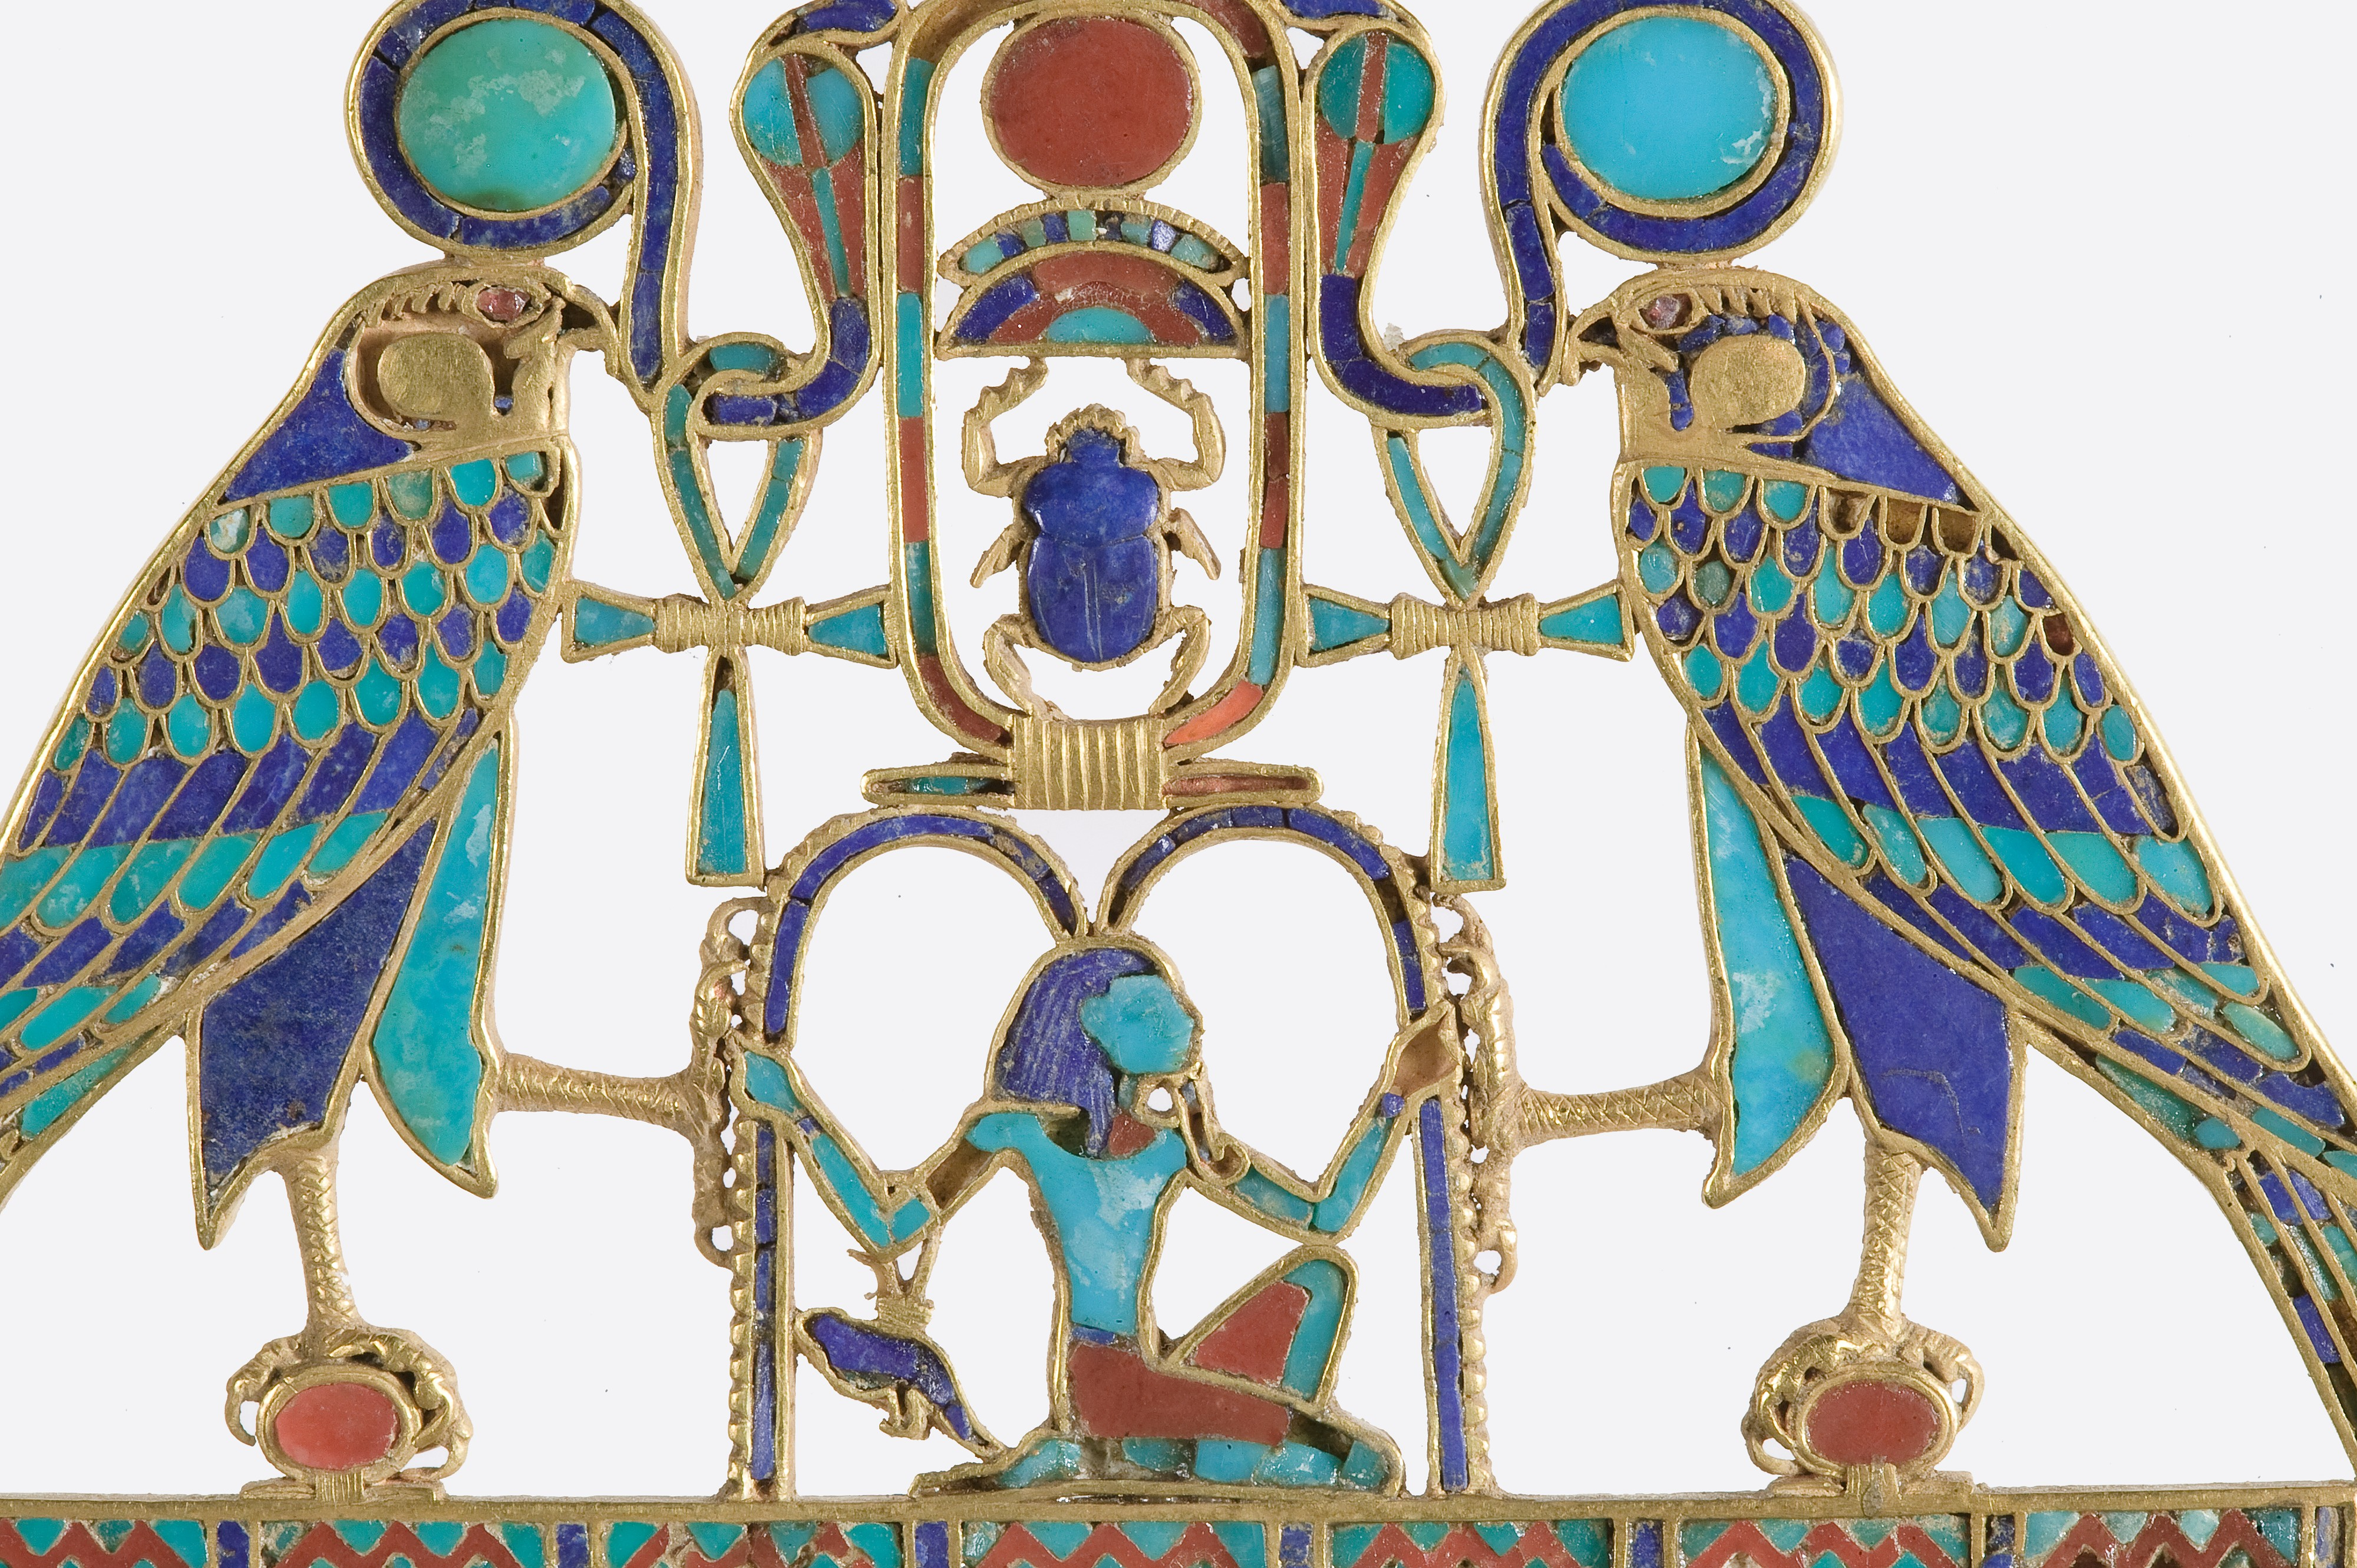 древнеримские украшения с птицами в картинках средство стремительно